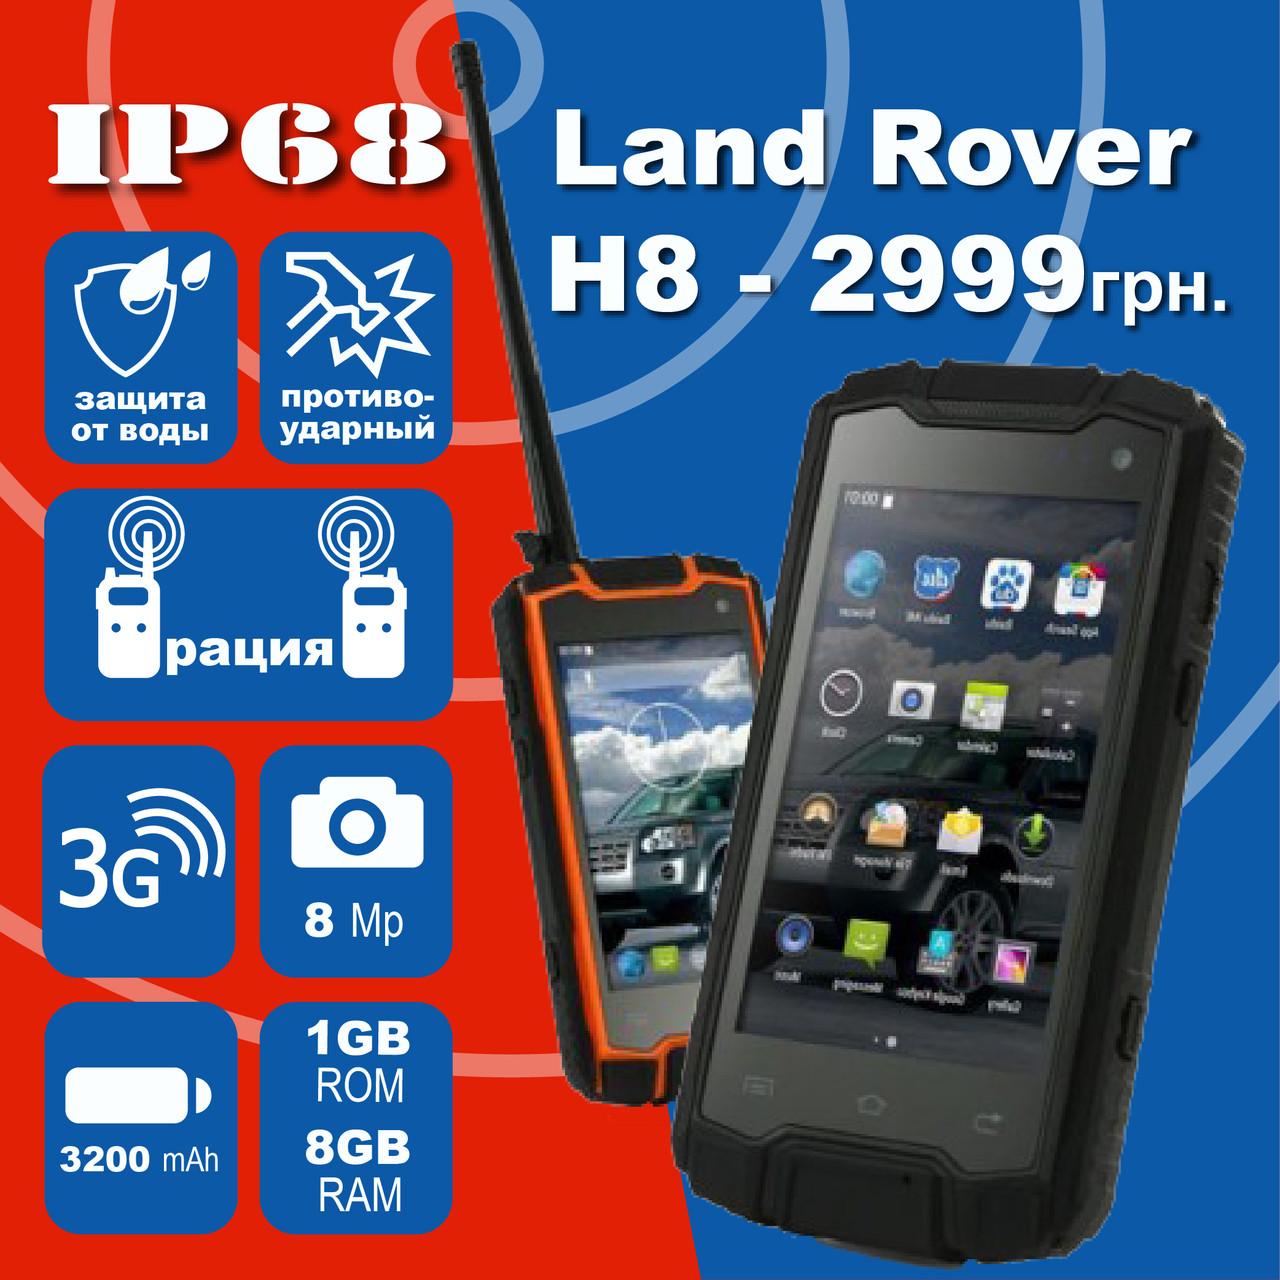 Защищенный Противоударный смартфон Land Rover H8 телефон + рация 1/8, IP68, 3200 mAh, 8mp